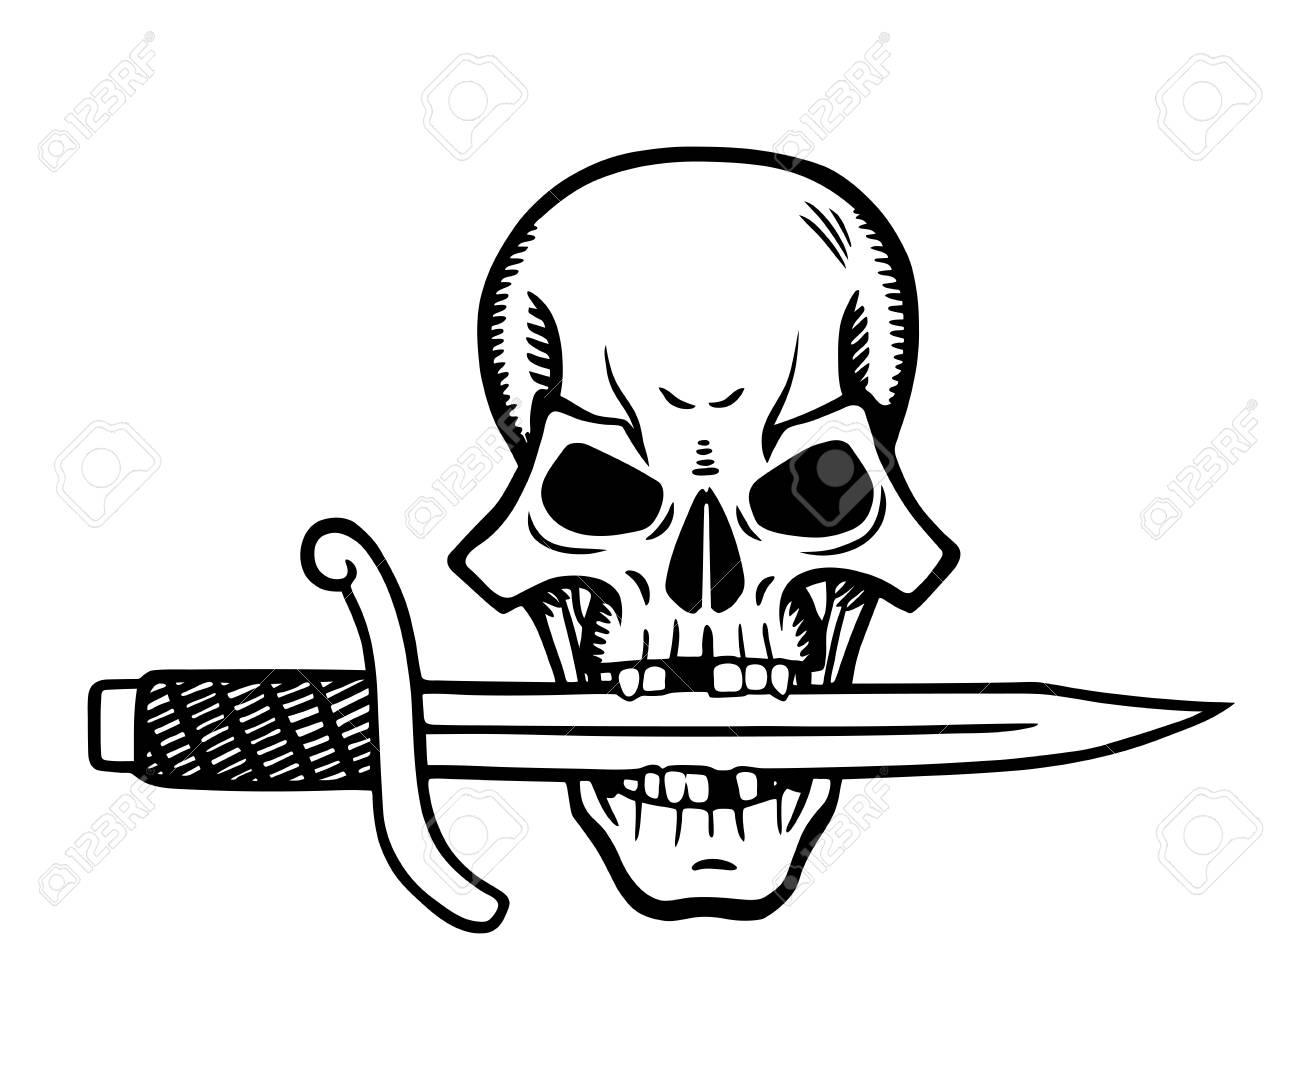 Immagini Di Teschio Pirati questa è l'illustrazione di teschio pirata